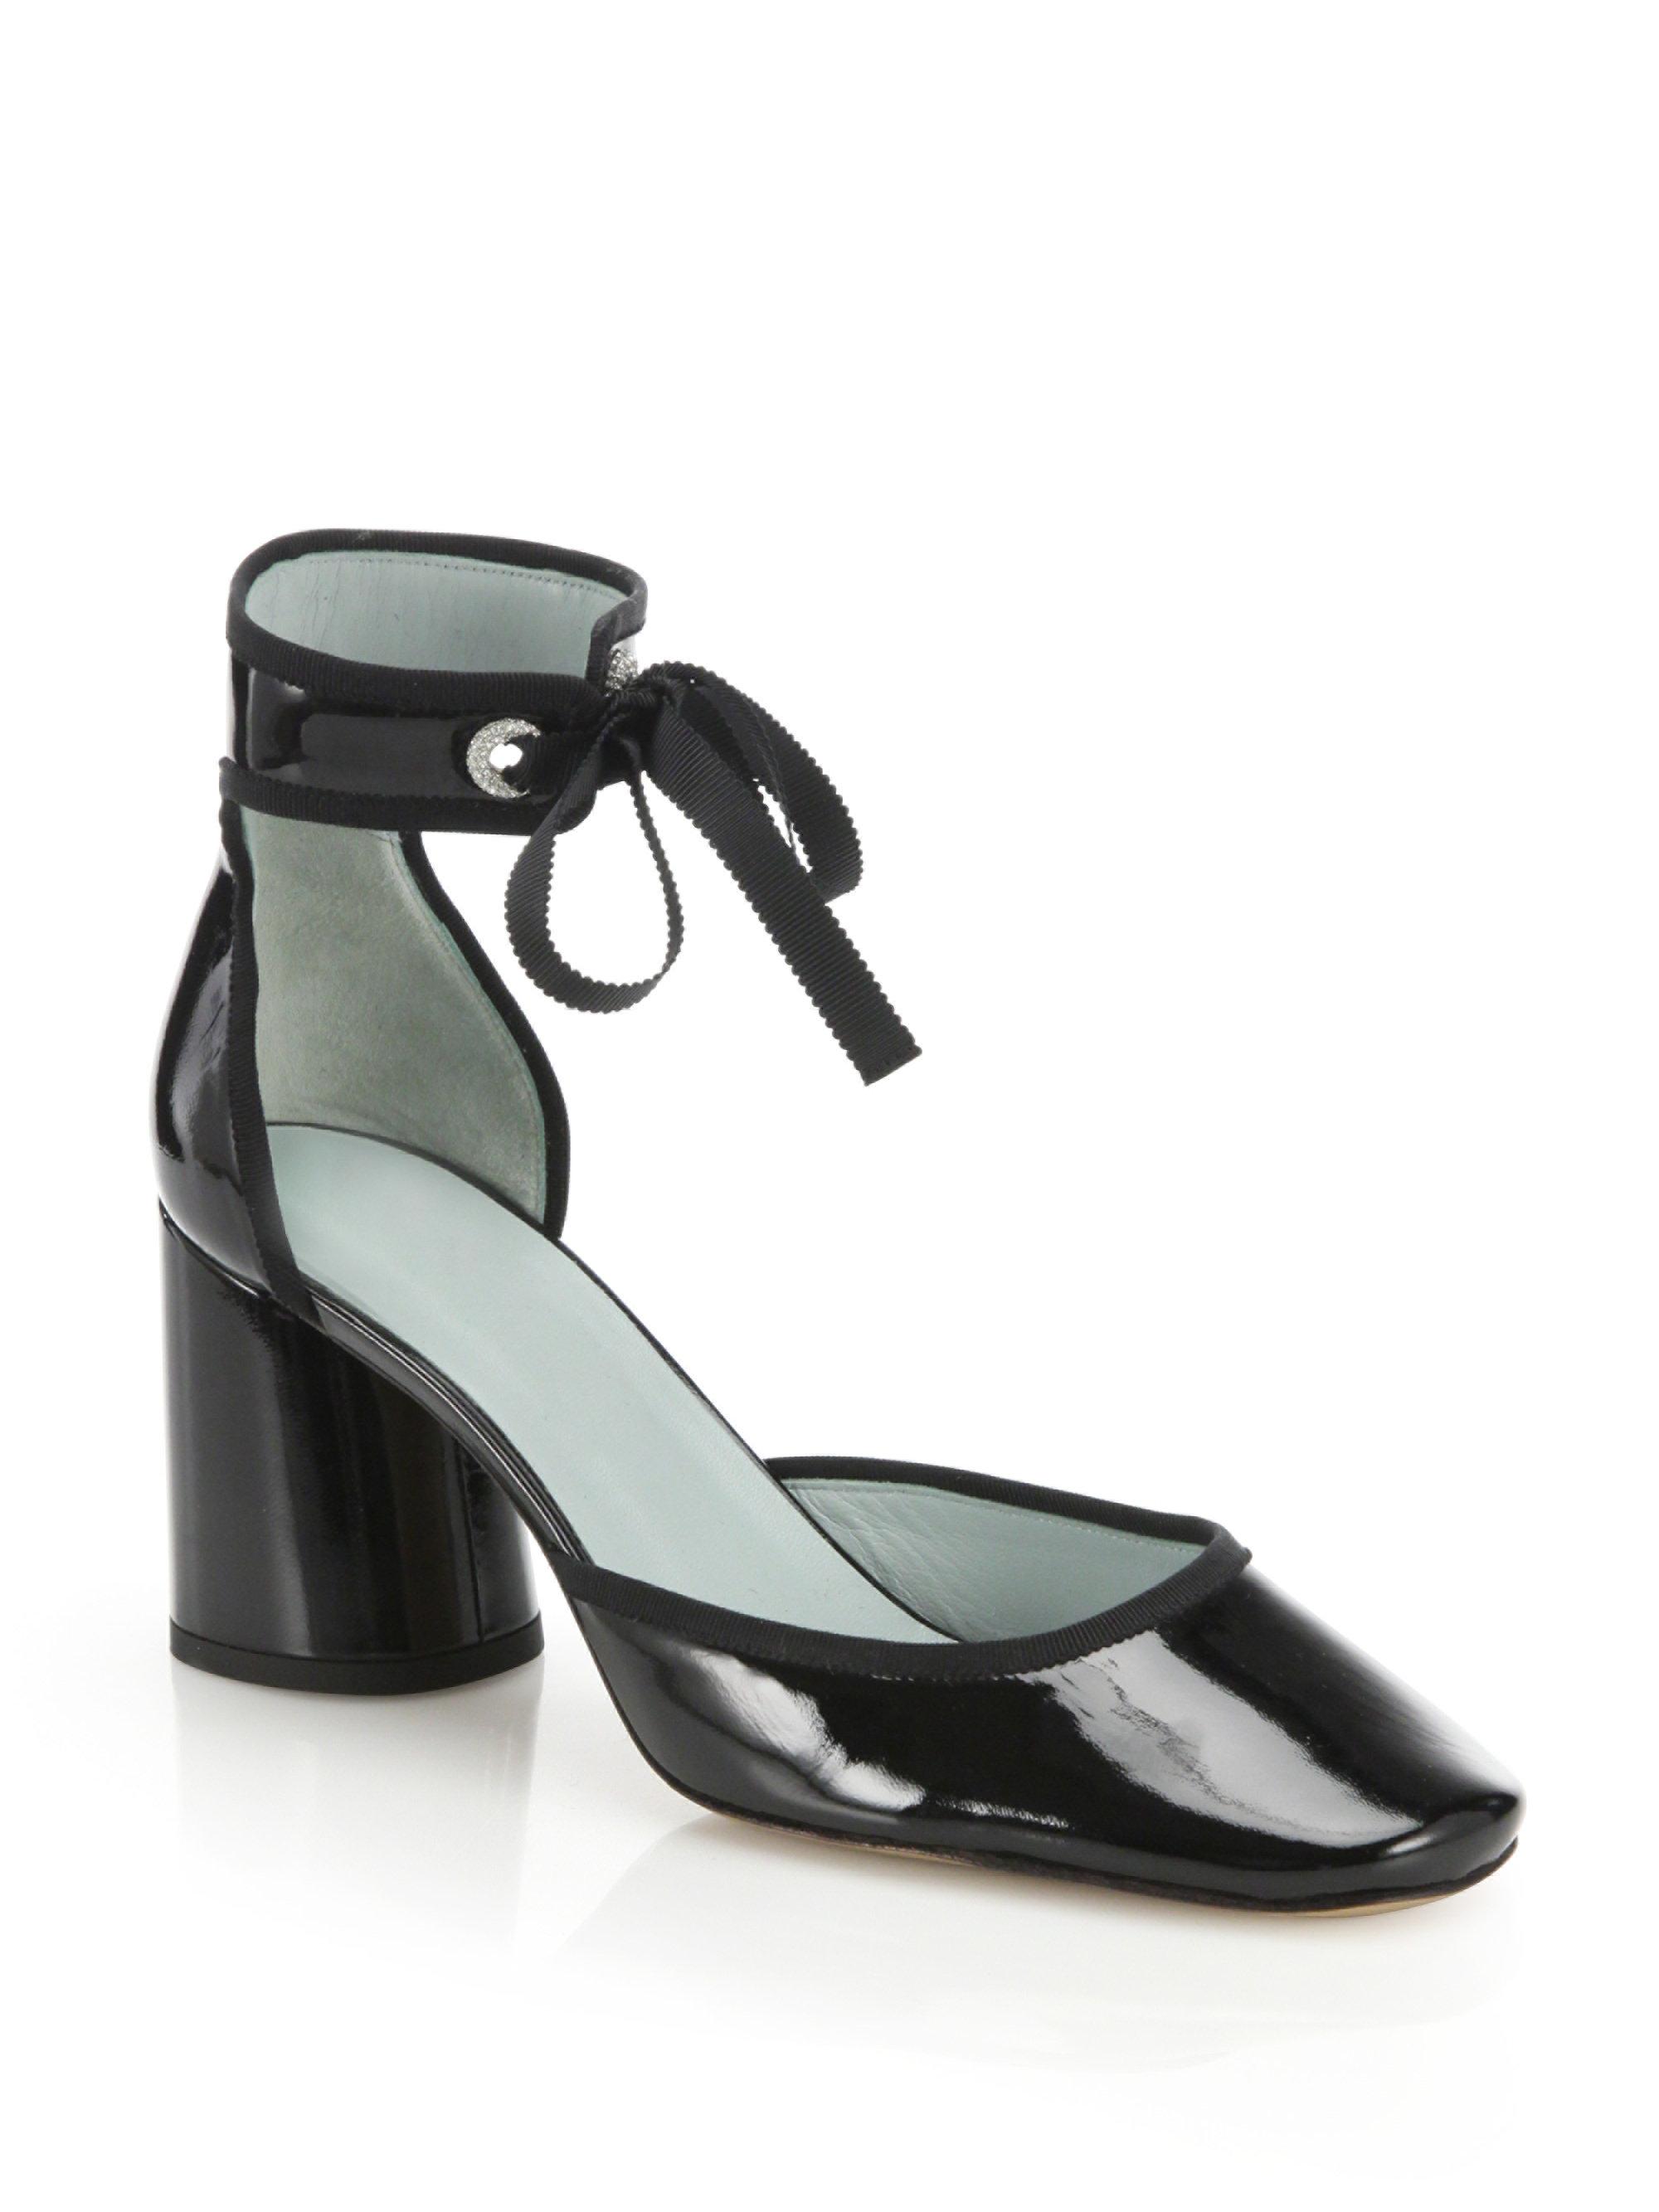 7cc4ec7d5761 Lyst - Marc Jacobs Elle Patent Leather Ankle-strap D orsay Pumps in ...